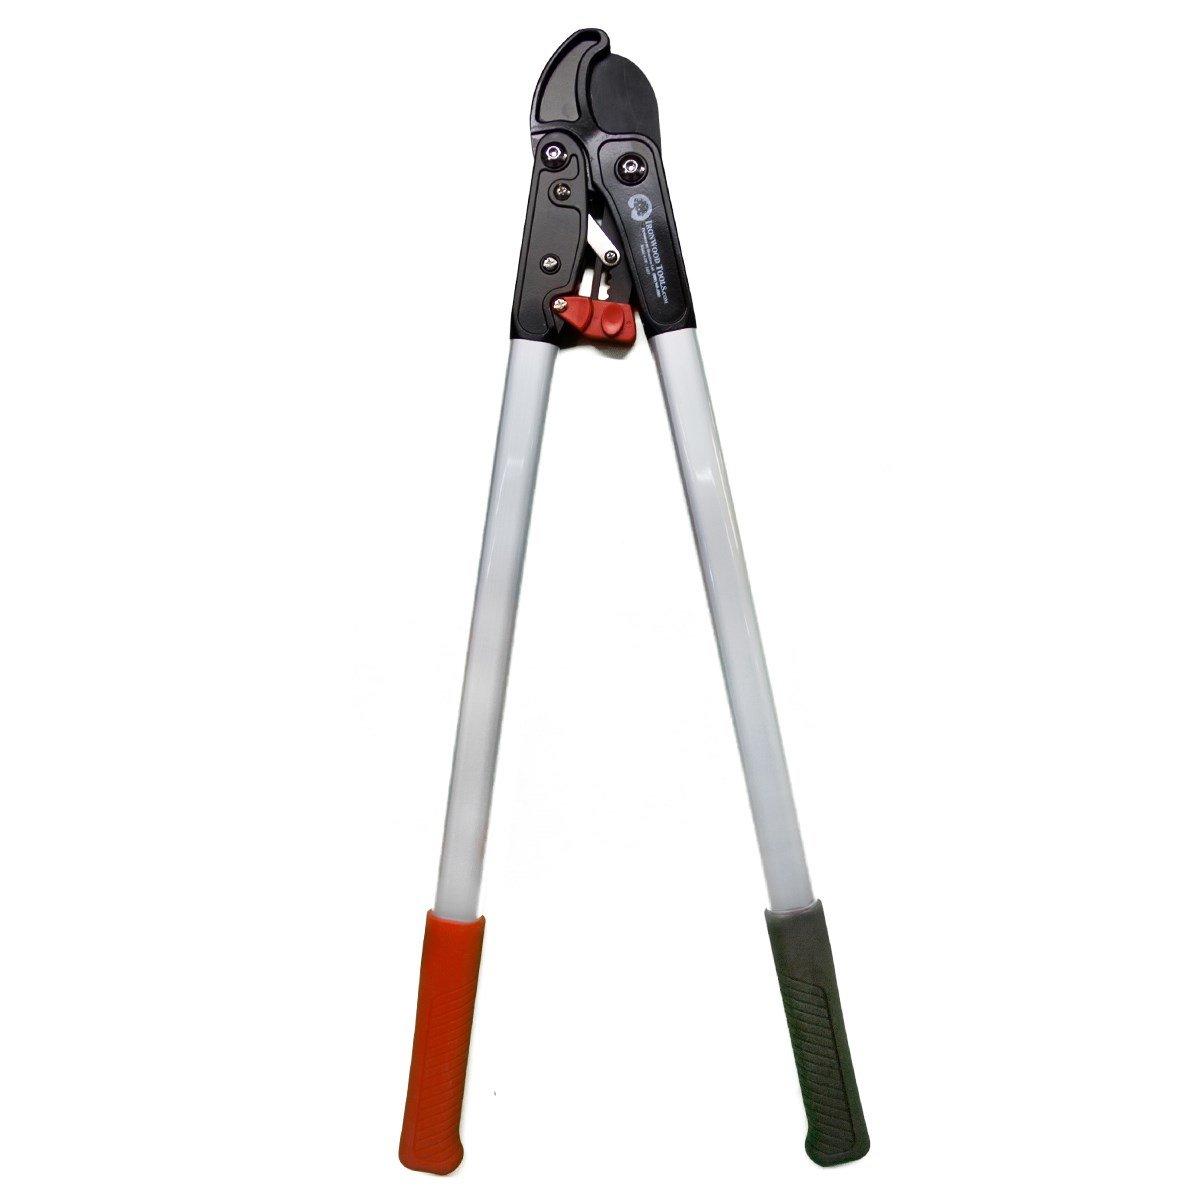 Horizons IW1421 Ironwood Ratchet Lopper Cuts 1.5-Inch